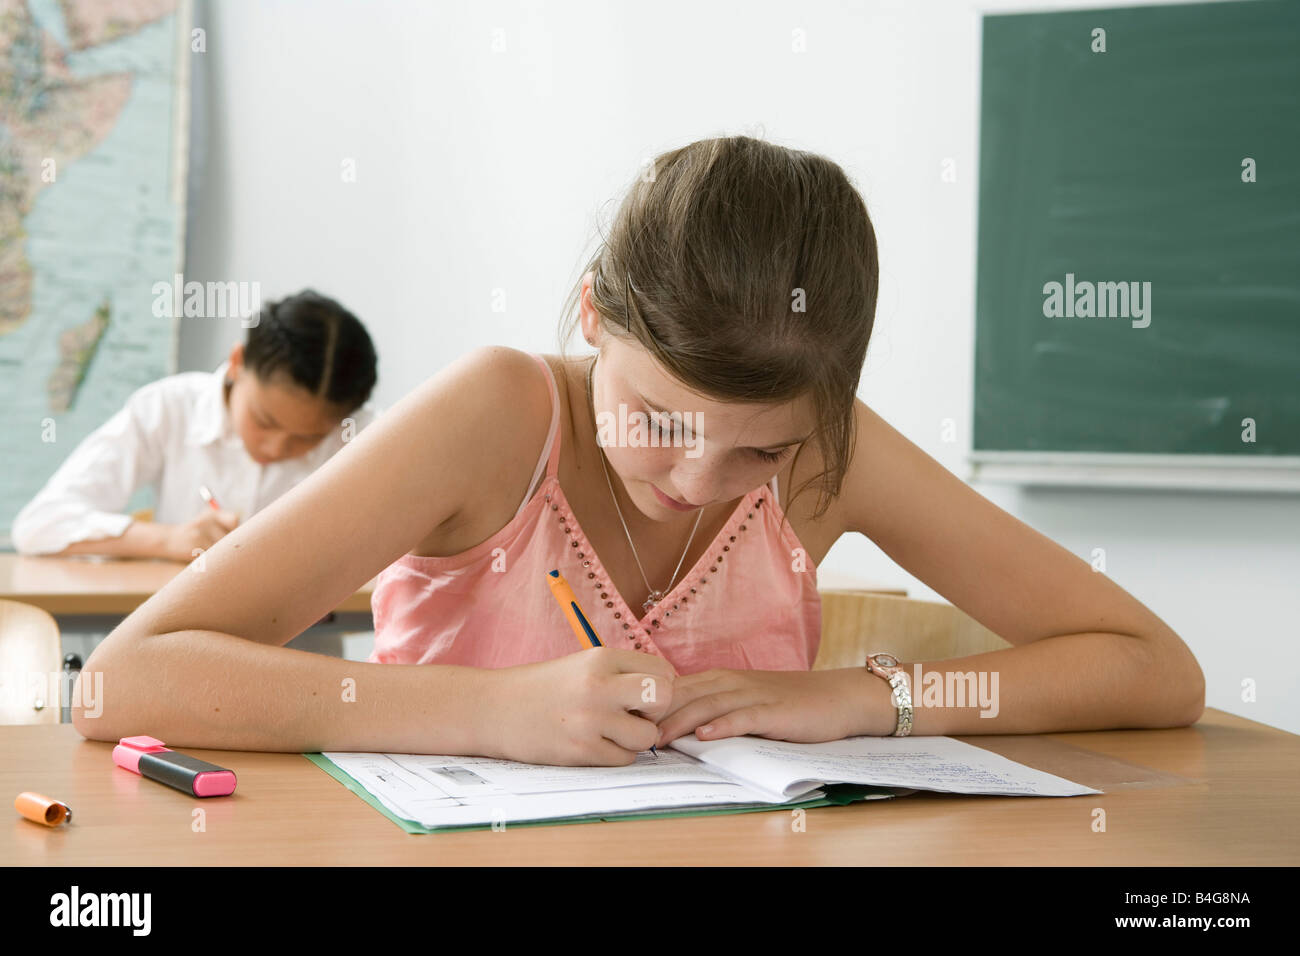 Un pre-ragazza adolescente studiare in una classe Immagini Stock